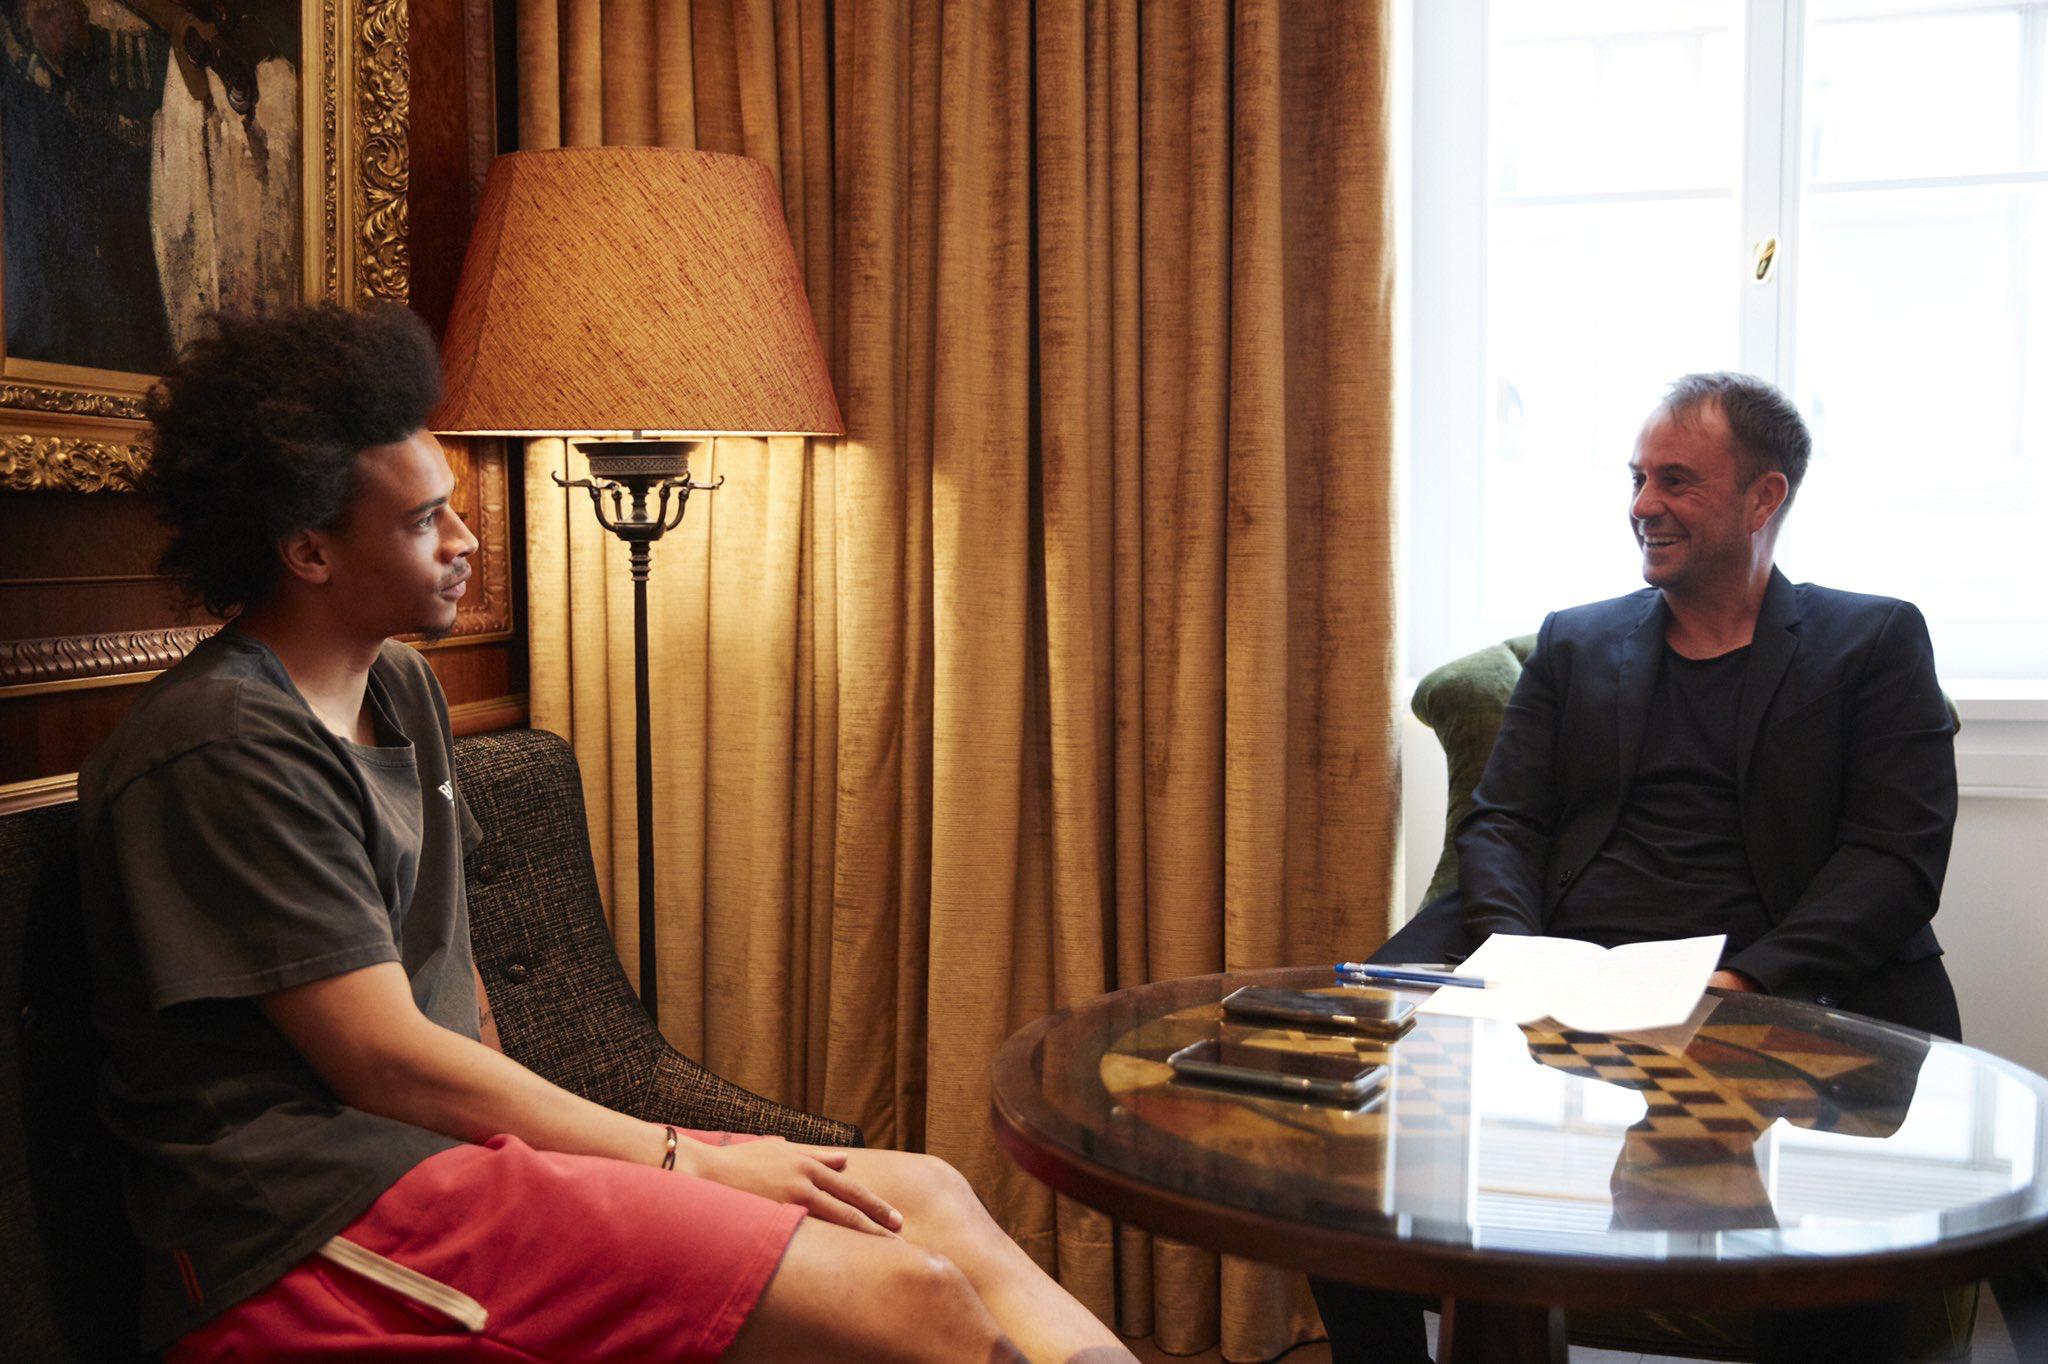 萨内专访:拒绝曼城续约并不容易,相信能在拜仁拿欧冠